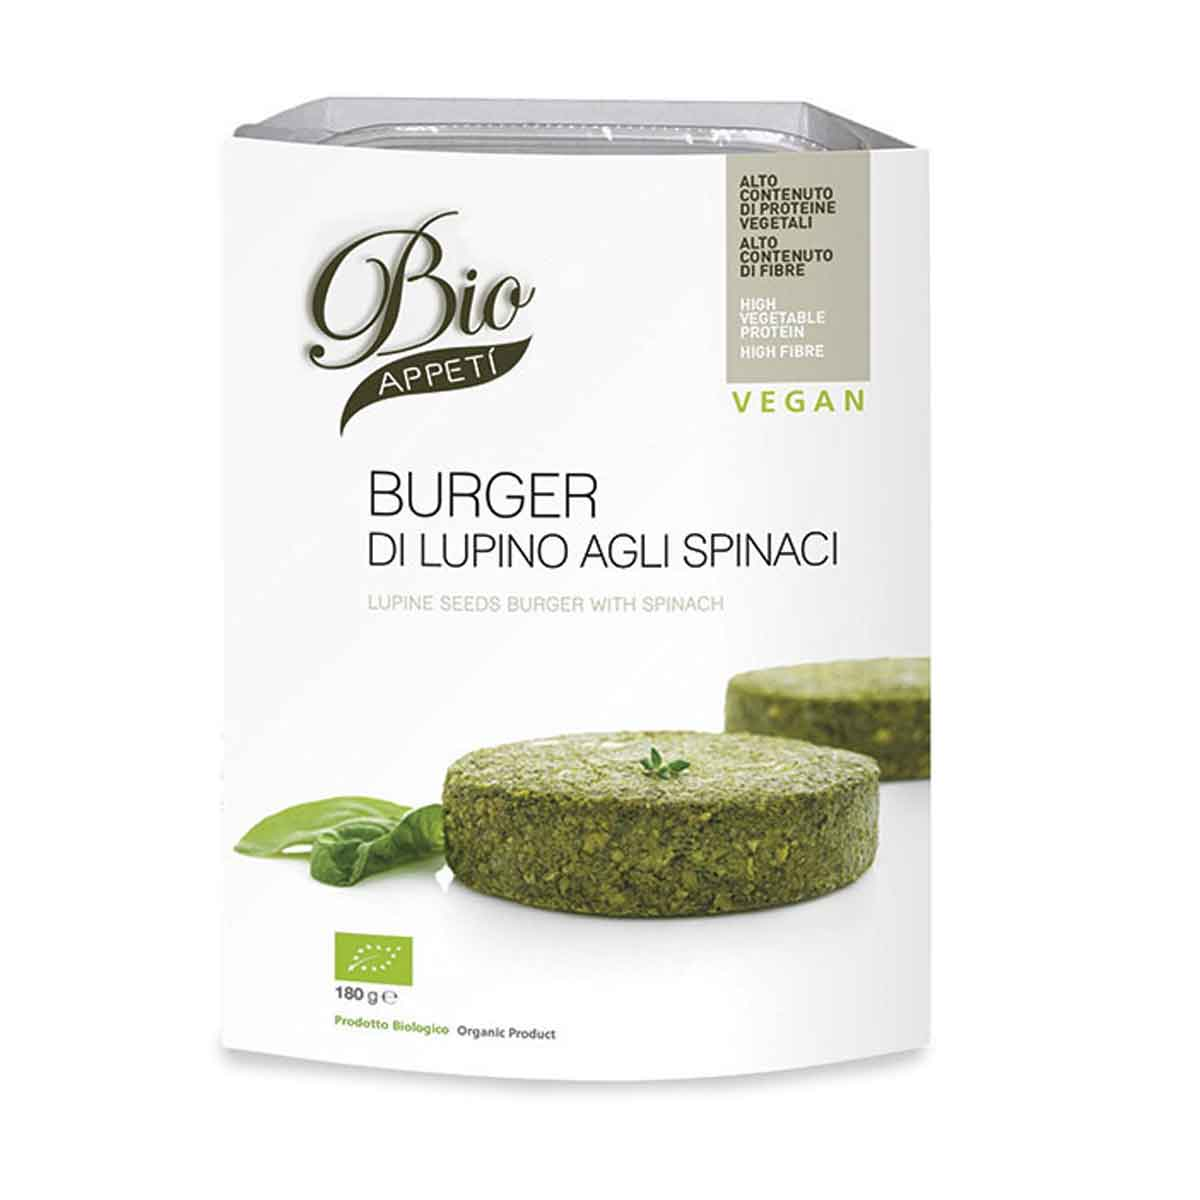 Bio appetì Burger di lupino agli spinaci